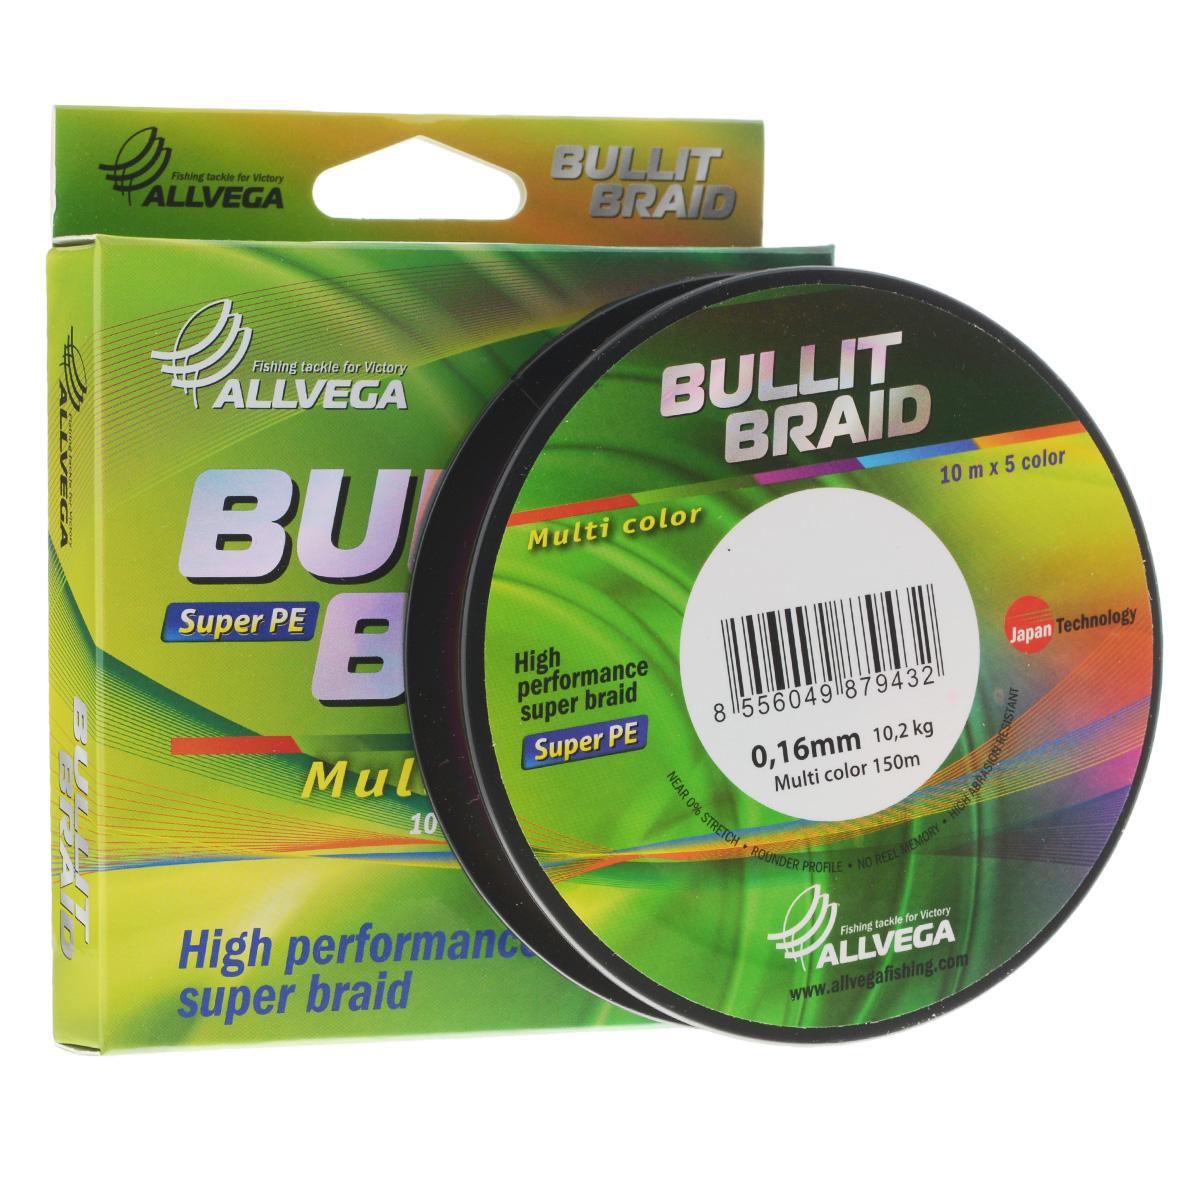 Леска плетеная Allvega Bullit Braid, цвет: мультиколор, 150 м, 0,16 мм, 10,2 кг25835Леска Allvega Bullit Braid с гладкой поверхностью и одинаковым сечением по всей длине обладает высокой износостойкостью. Благодаря микроволокнам полиэтилена (Super PE) леска имеет очень плотное плетение и не впитывает воду. Леску Allvega Bullit Braid можно применять в любых типах водоемов. Особенности:повышенная износостойкость;высокая чувствительность - коэффициент растяжения близок к нулю;отсутствует память; идеально гладкая поверхность позволяет увеличить дальность забросов; высокая прочность шнура на узлах.